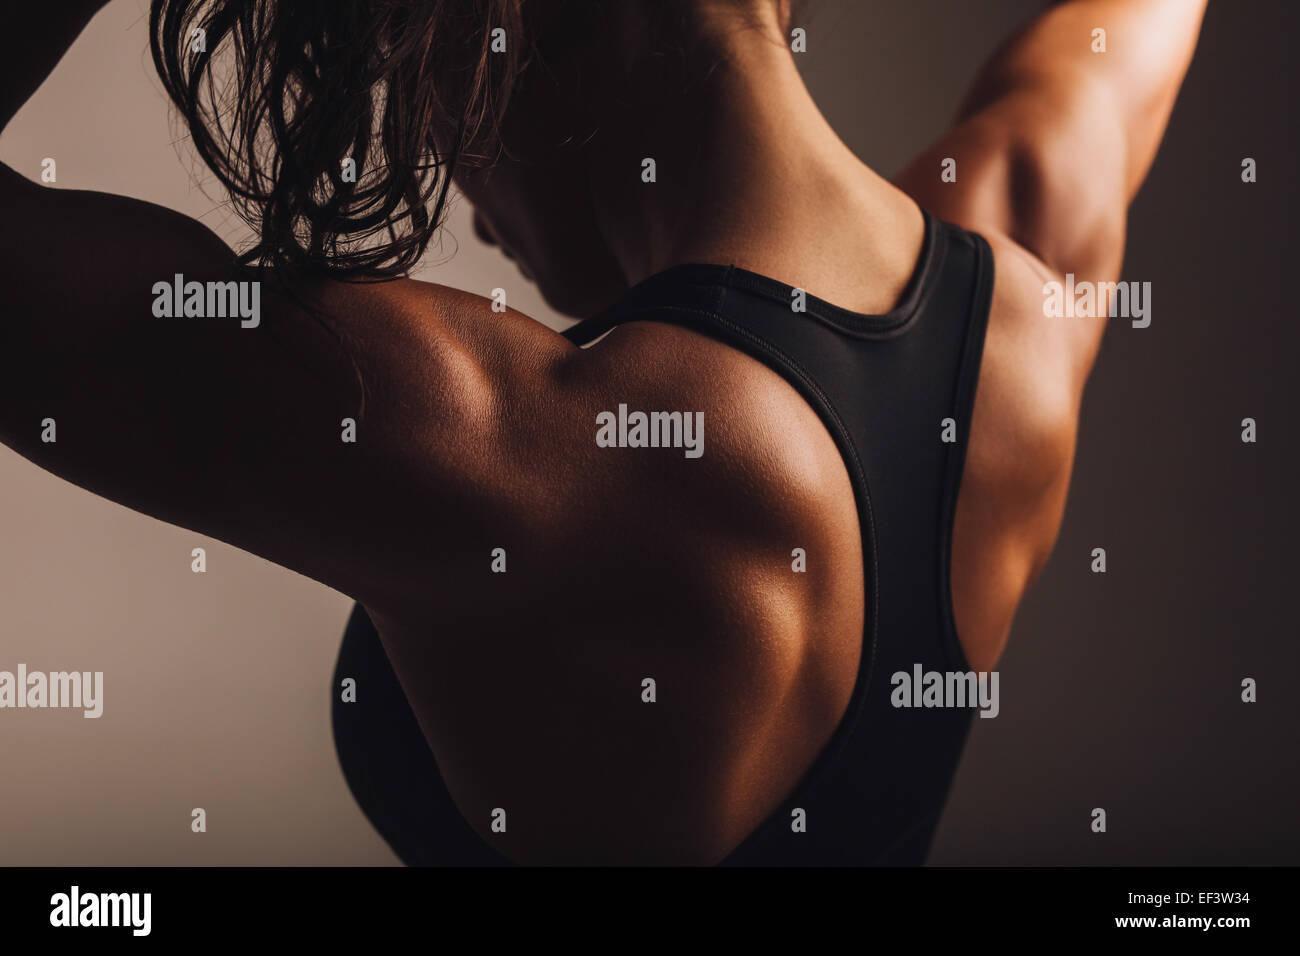 Nahaufnahme Bild von Rückseite des weiblichen Fitness-Modell. Junge Frau im Sport tragen mit muskulösen Stockbild